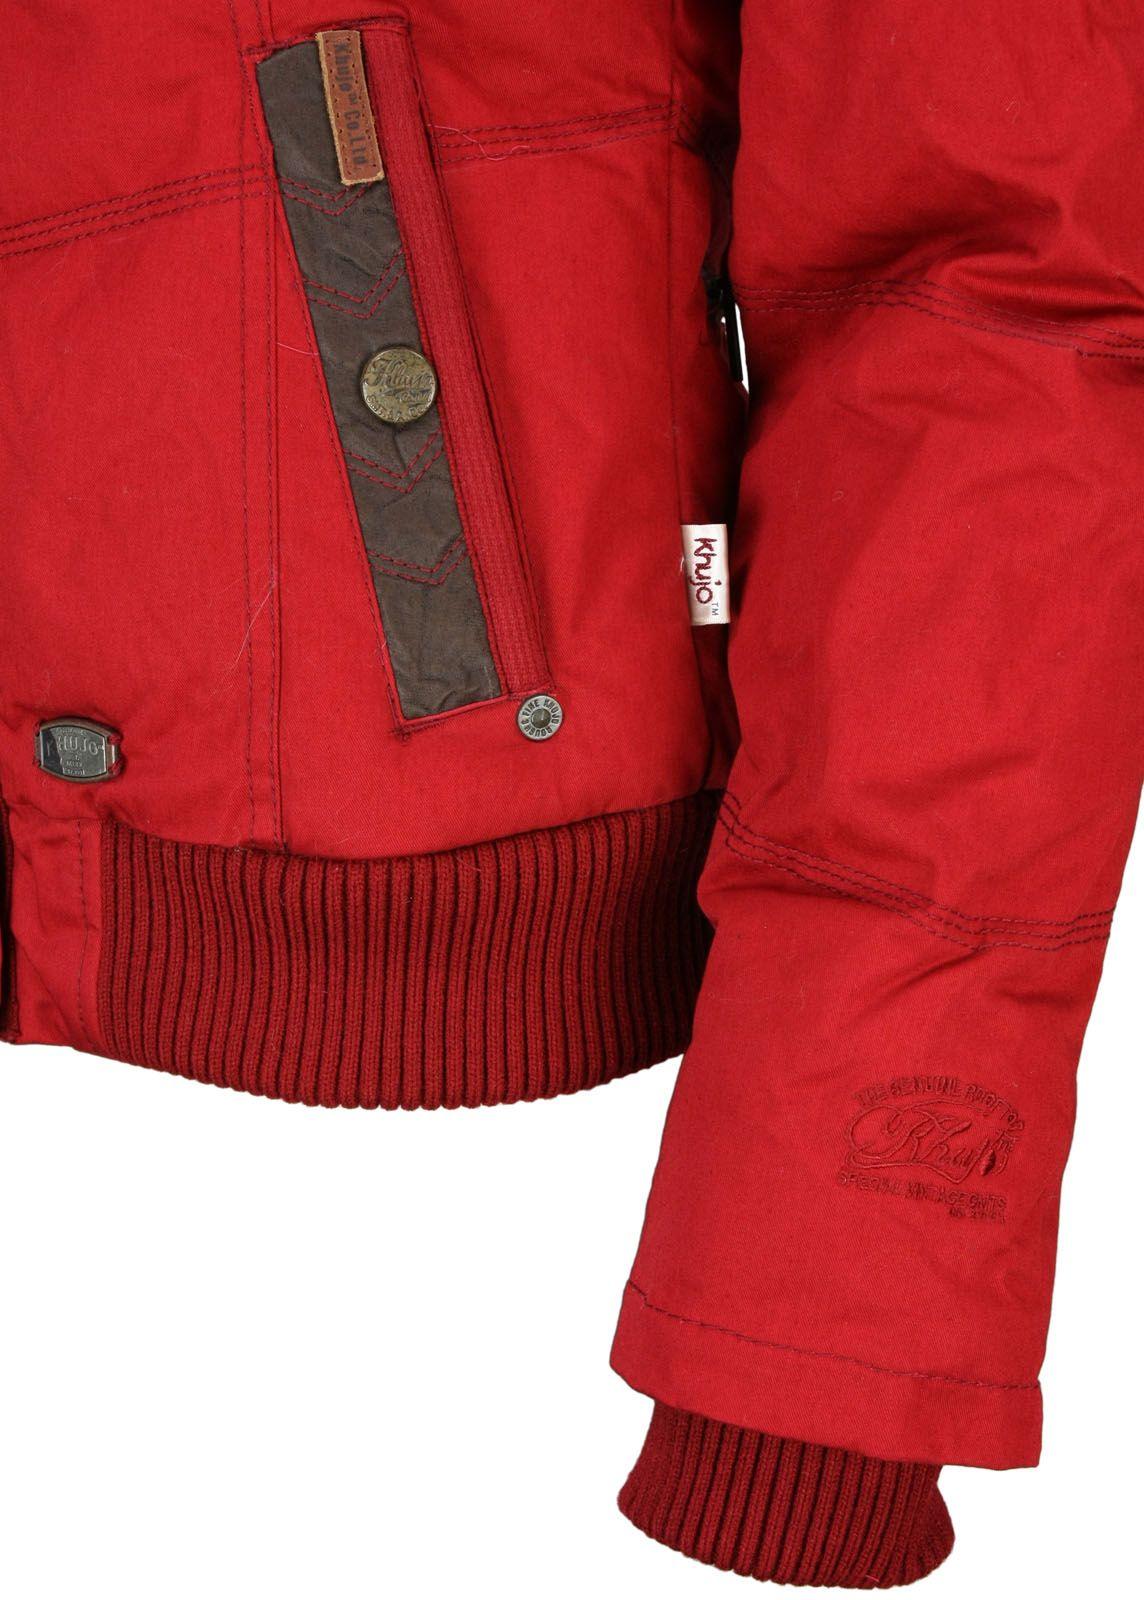 Berlin Khujo Winterjacke Rot Plain Fettebeute Online Shop 7IbYfg6yvm